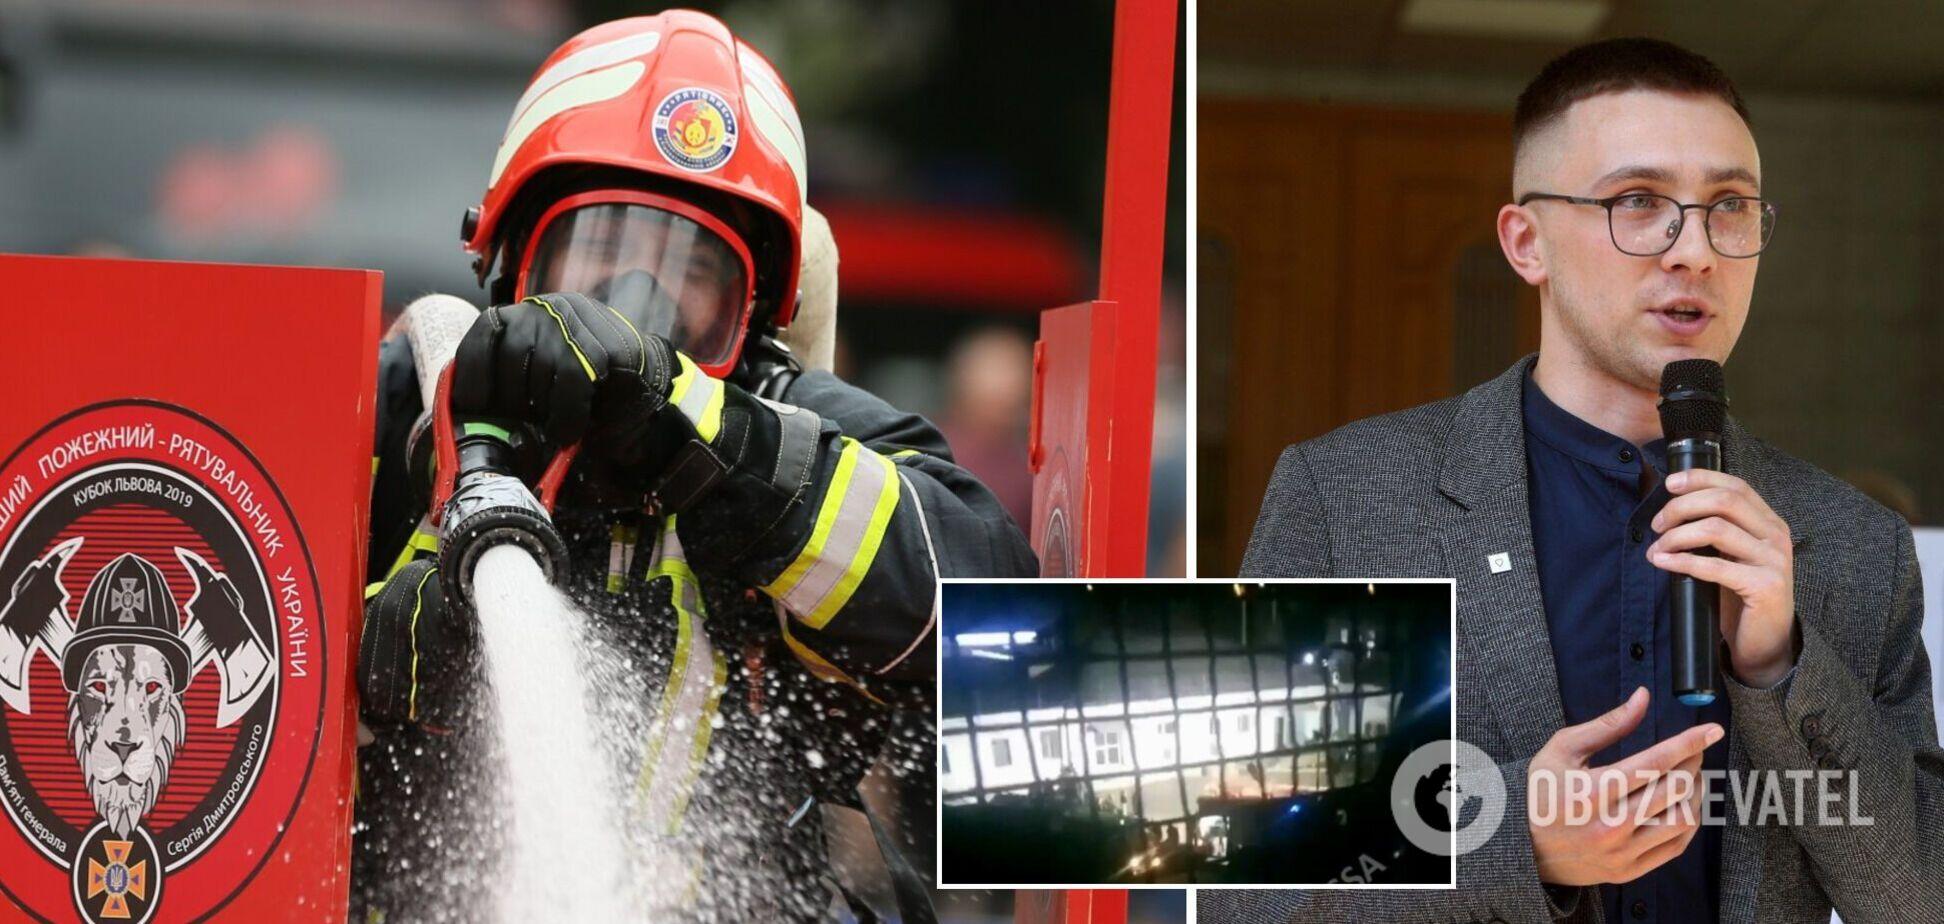 У СІЗО, де сидить Стерненко, сталася пожежа – ЗМІ